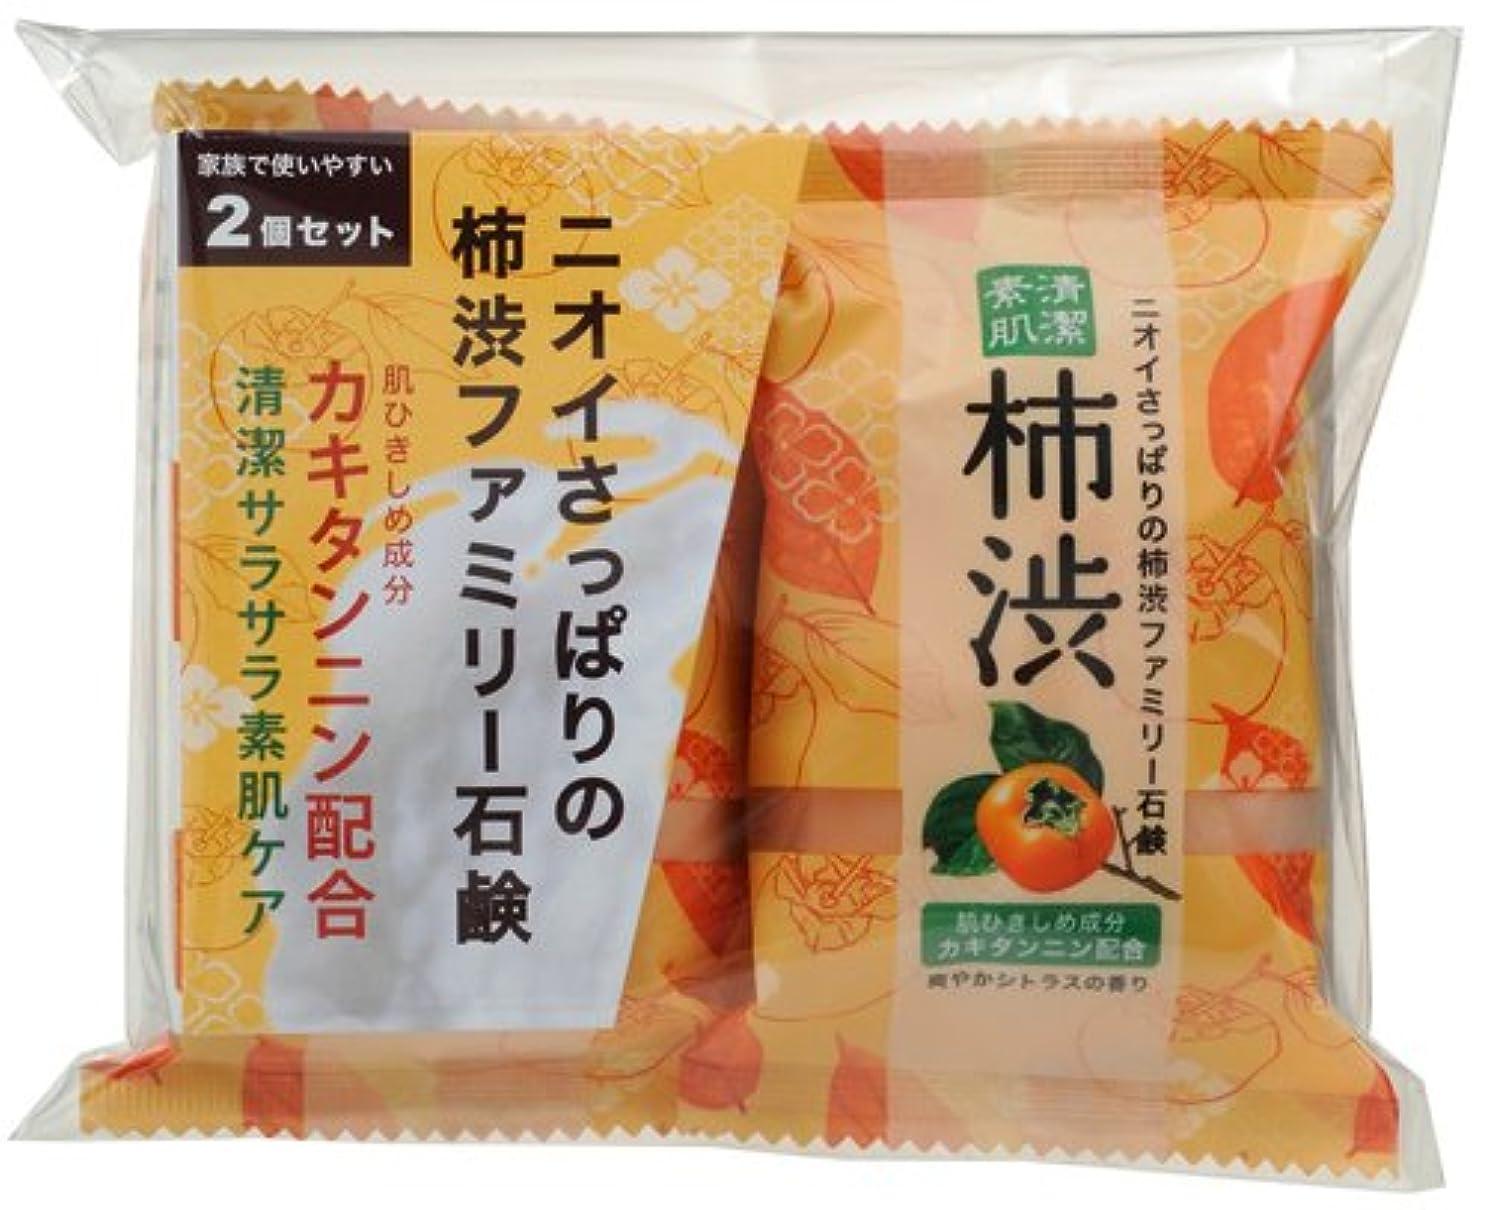 気分が良いスーパーマーケット委任ペリカン石鹸 ファミリー柿渋石けん 80g×2個